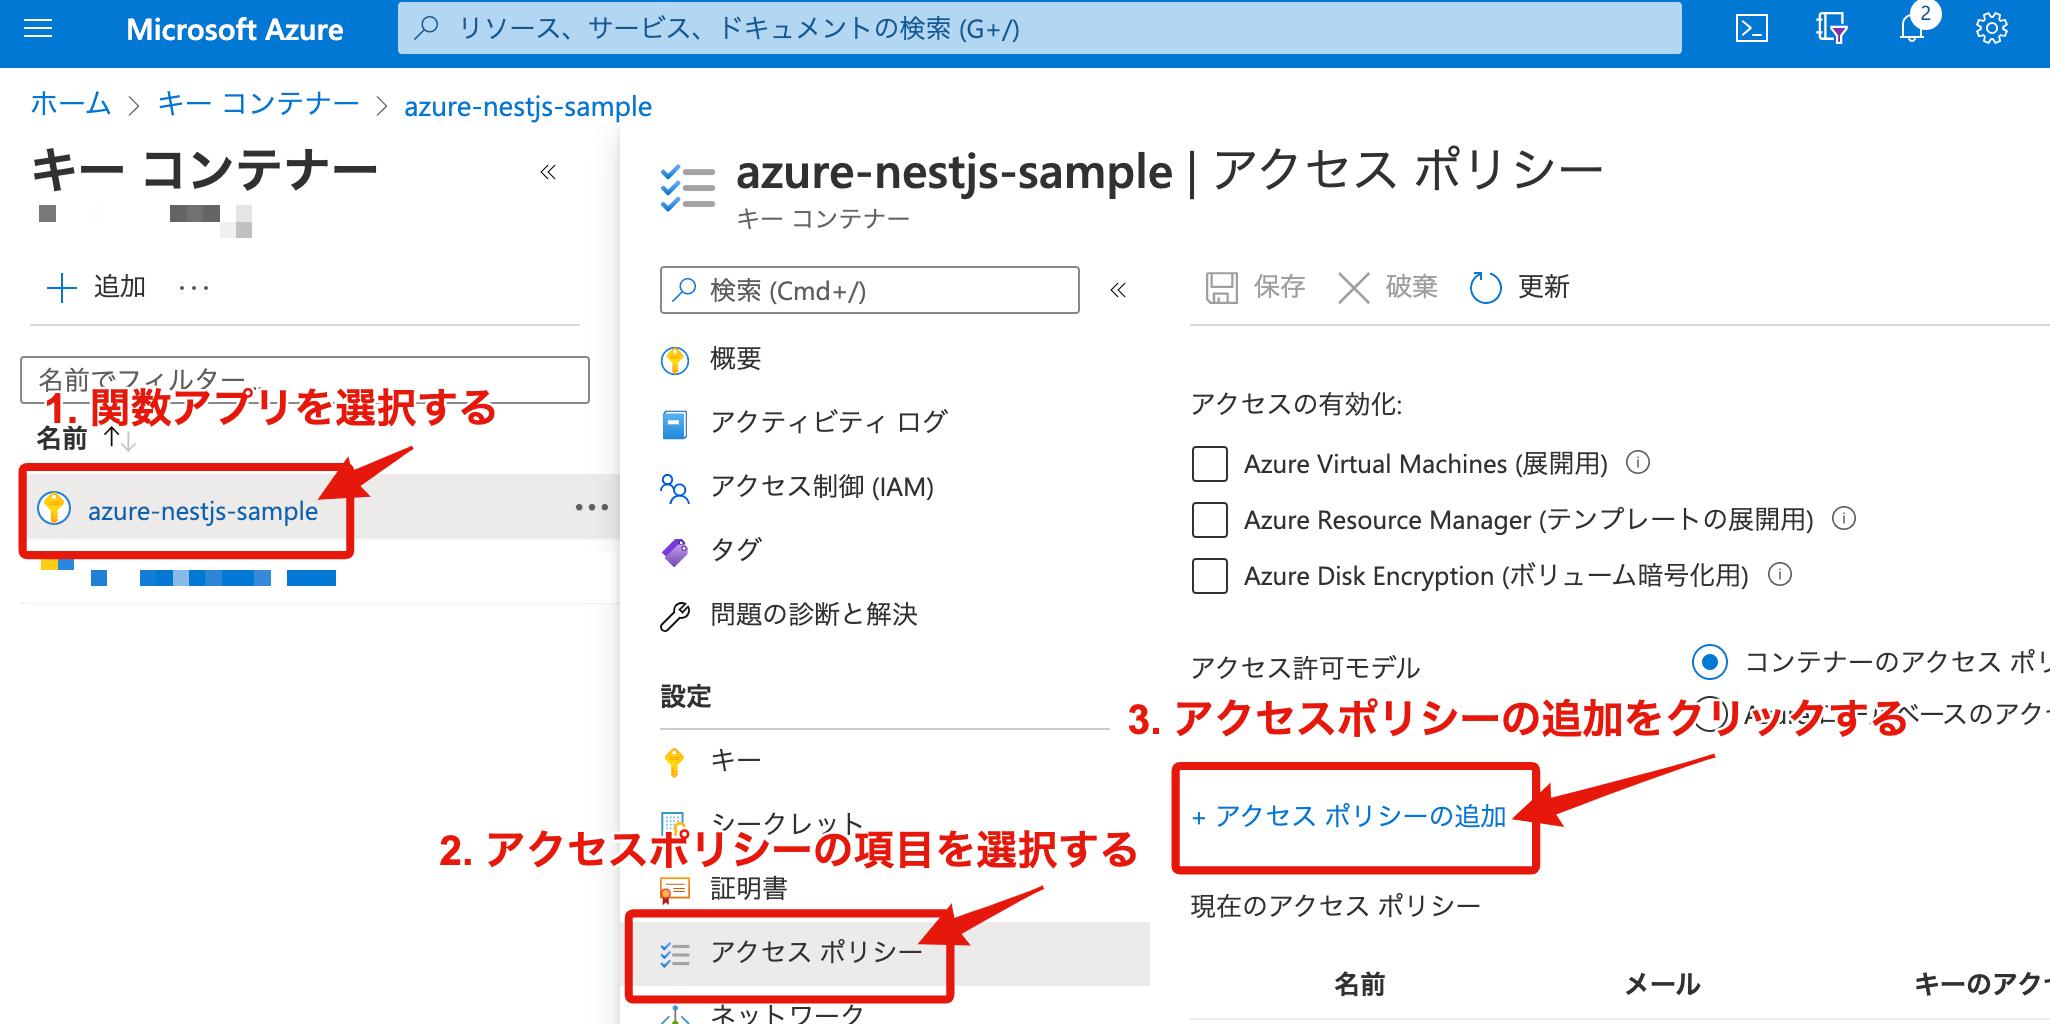 2. キーコンテナーの一覧ページから該当するキーコンテナーのアクセスポリシー追加画面に遷移する